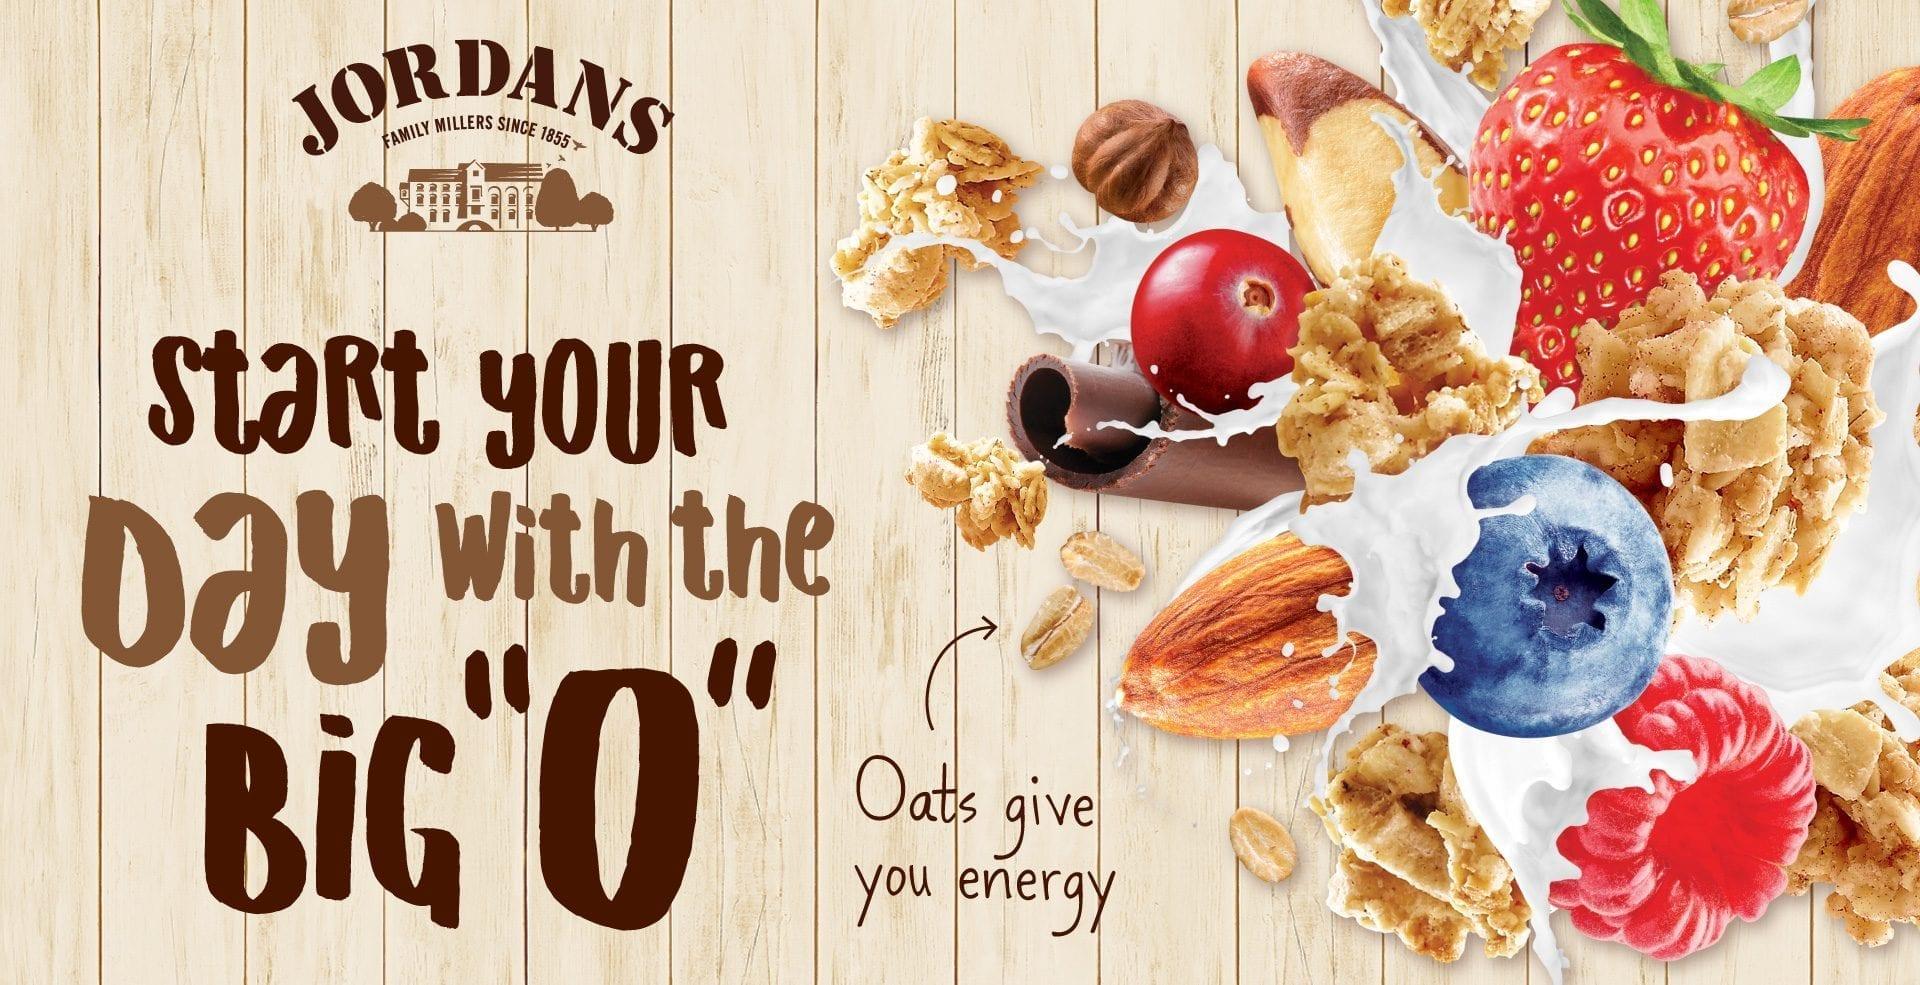 Jordans Morning Crisp cluster banner image